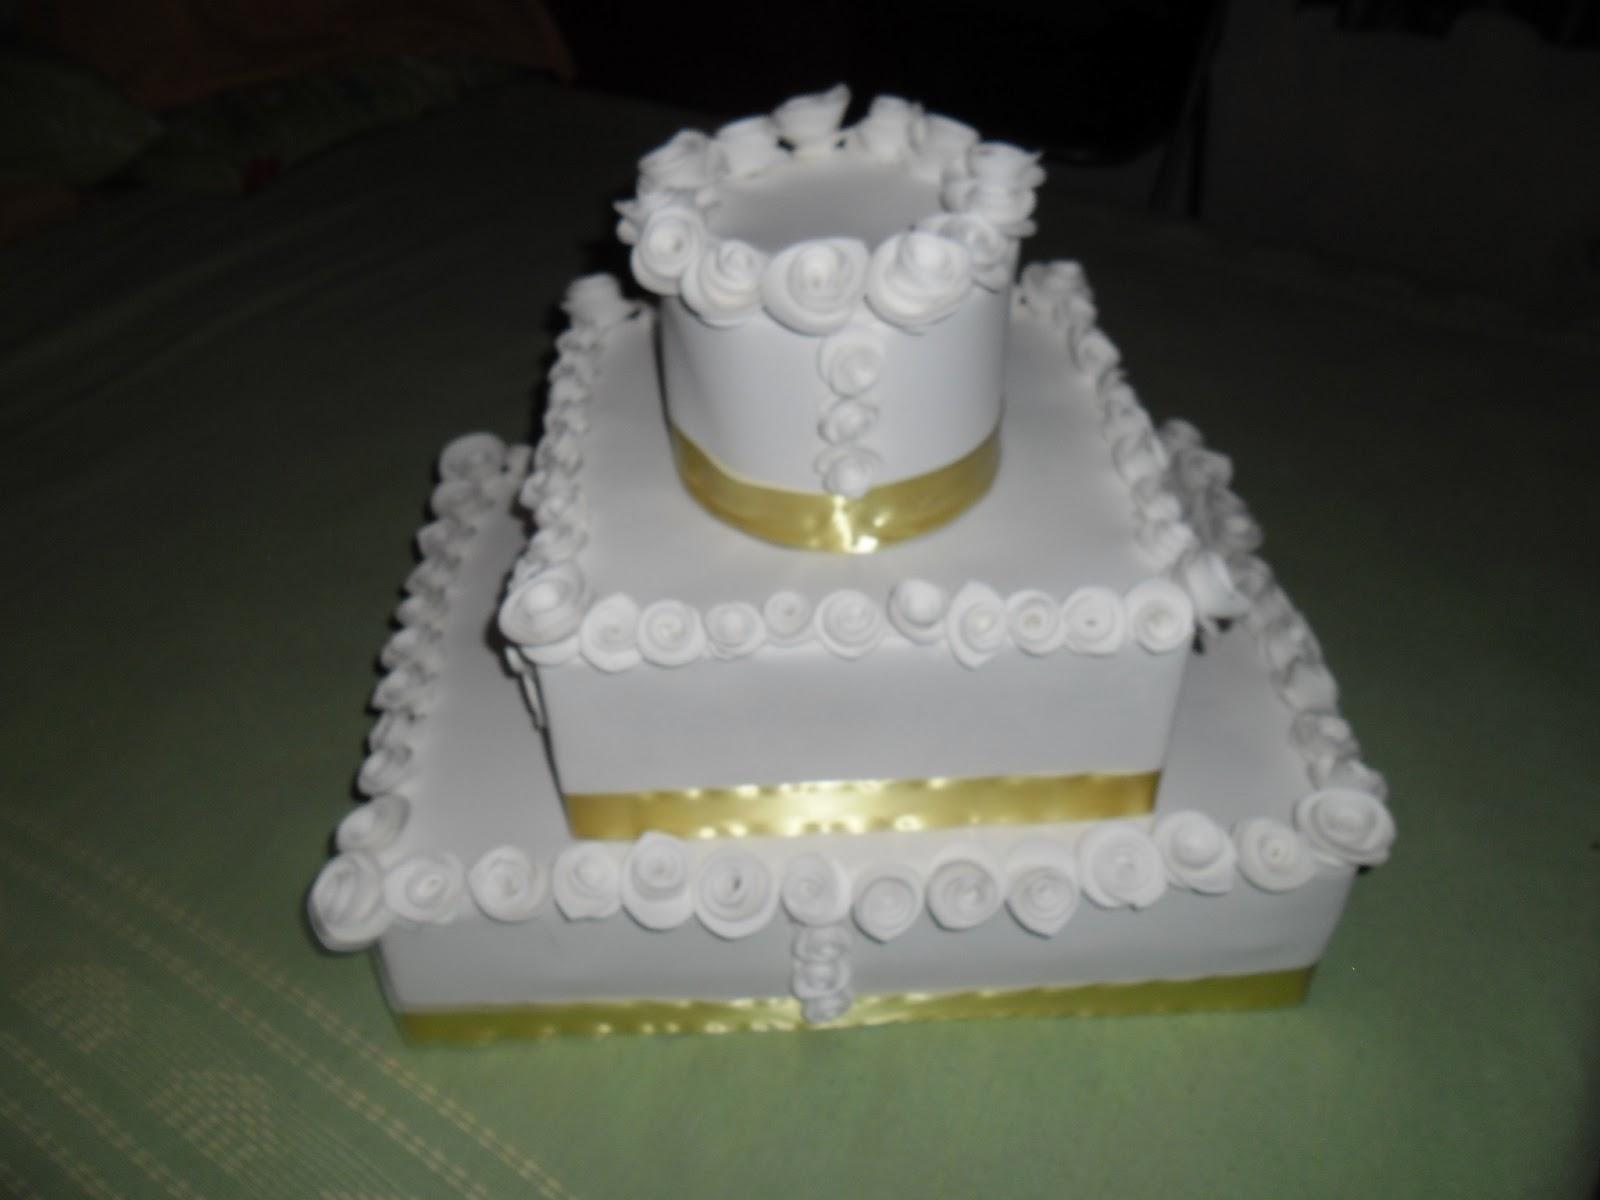 decoracao de casamento que eu posso fazer : decoracao de casamento que eu posso fazer:Oi amigas hoje eu vou postar umas fotos dos bolo fake que eu fiz para